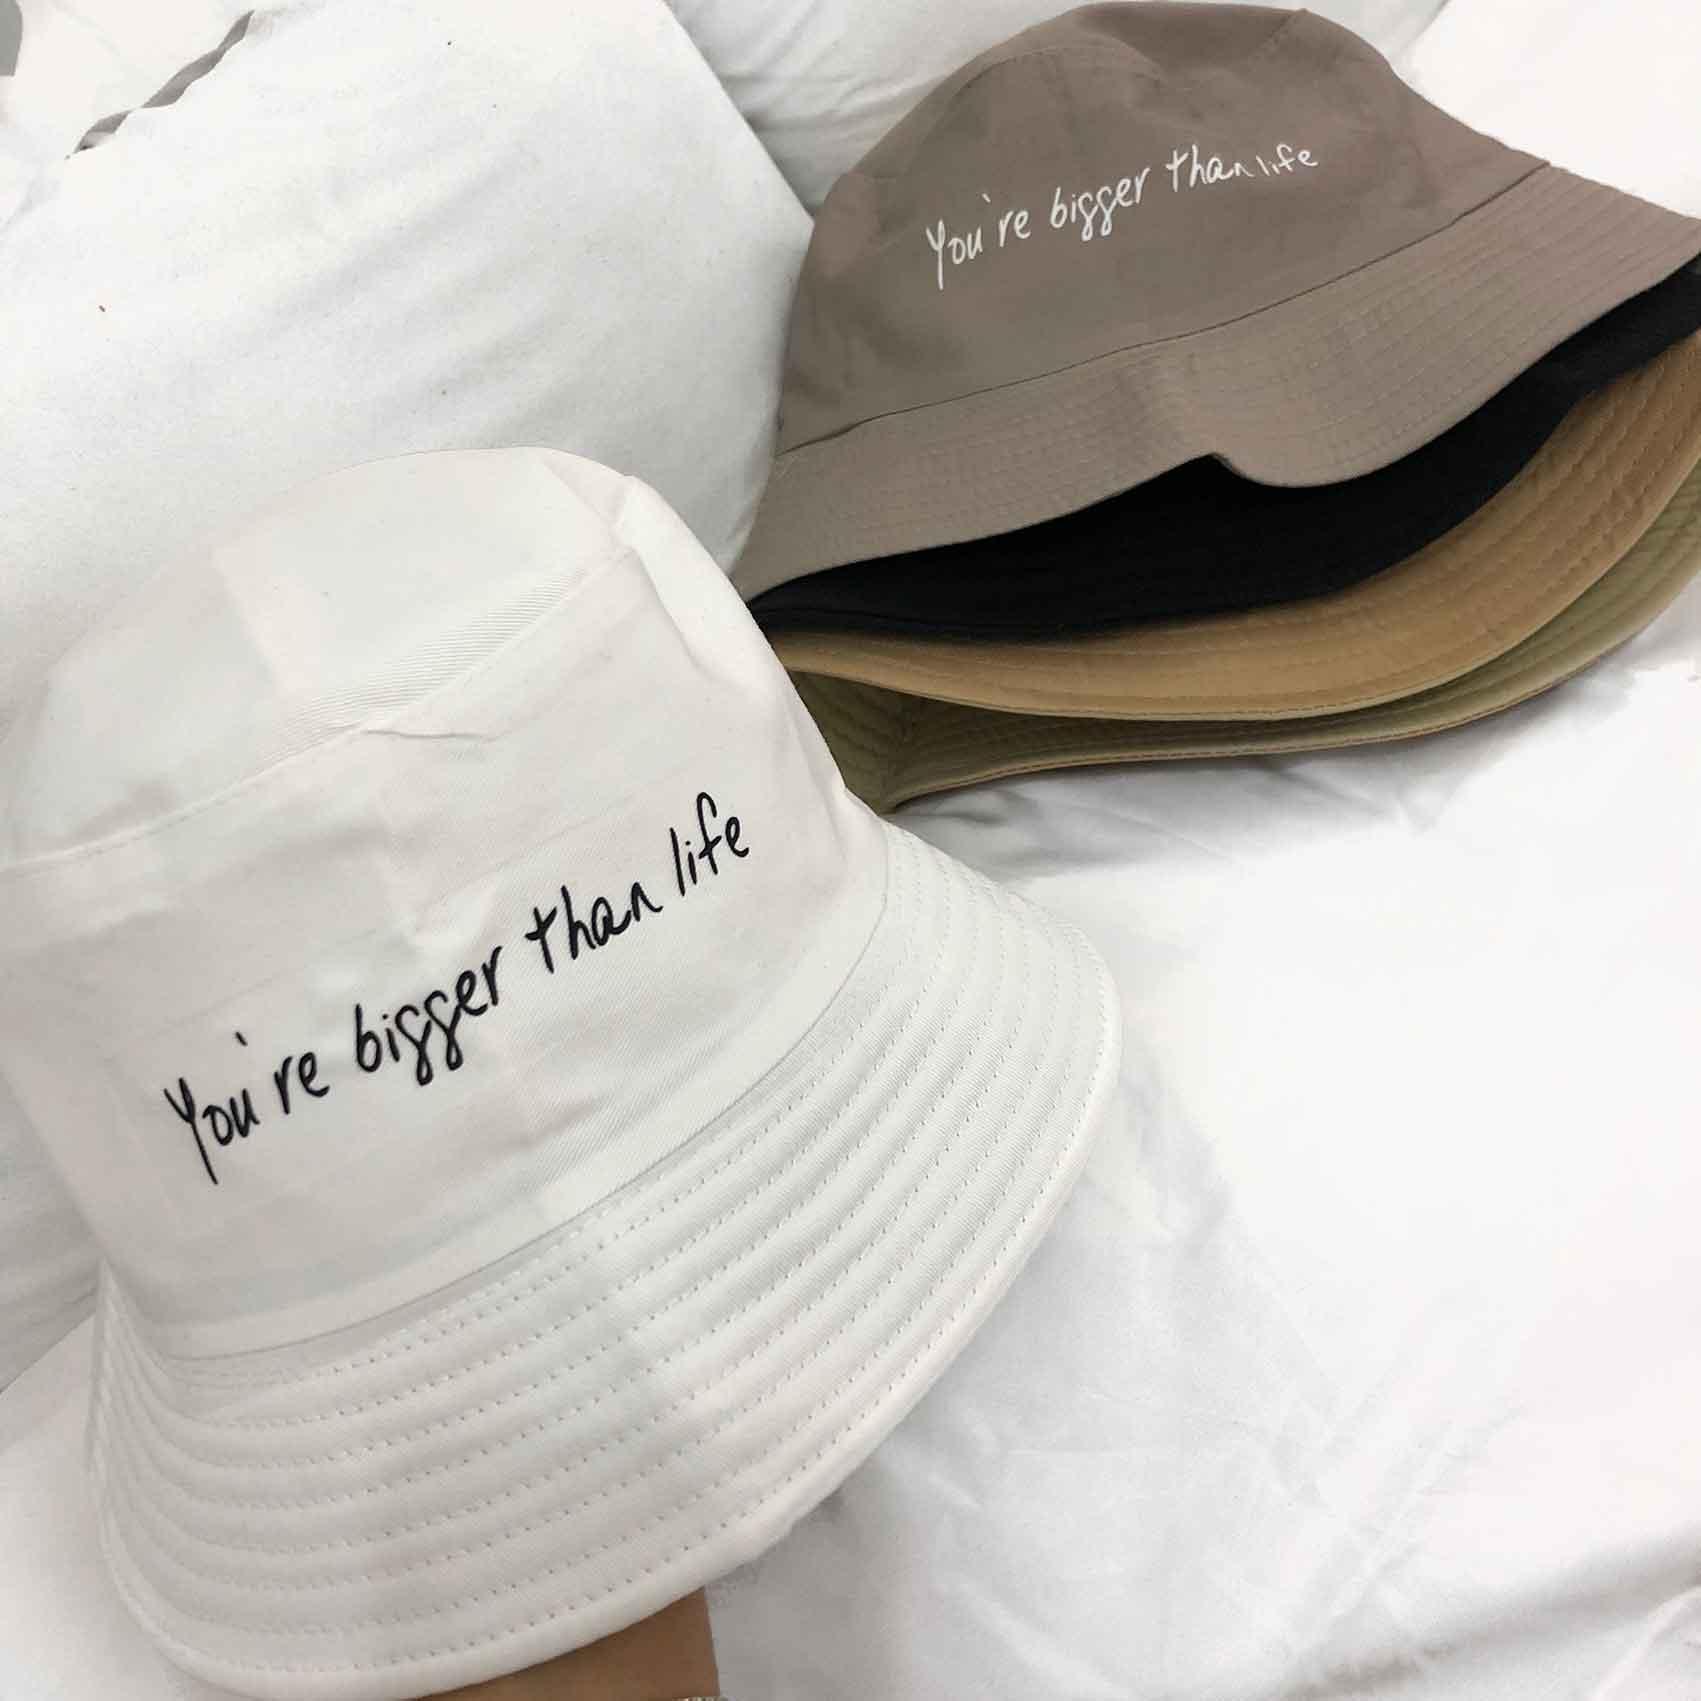 כובעים_ירין שבתאי_אופנה